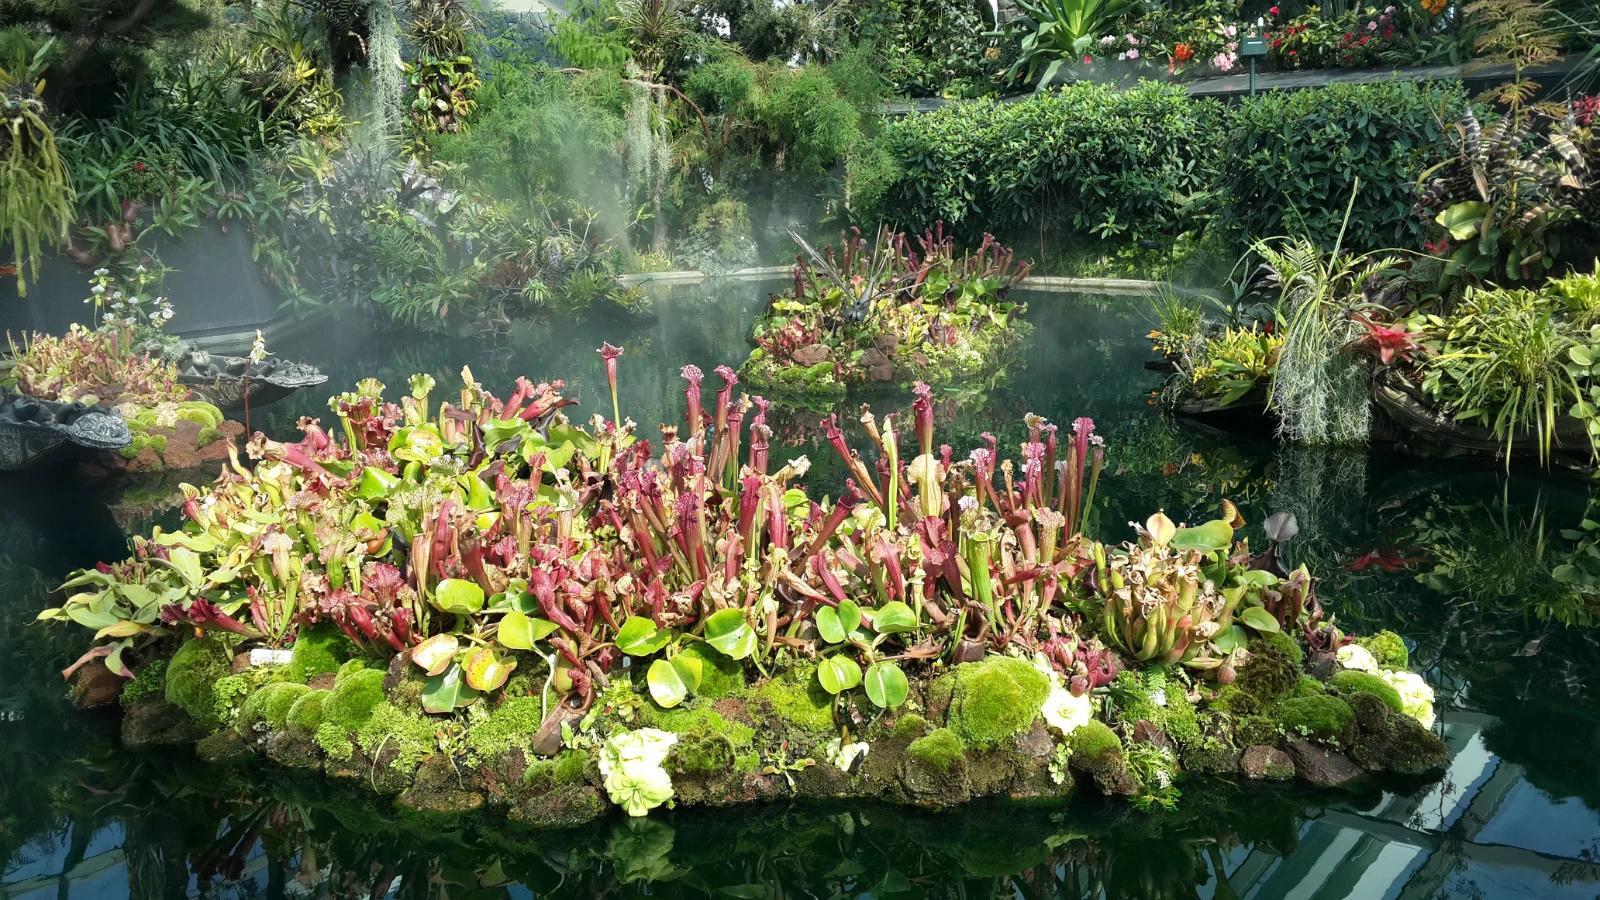 在发展经济盛行的今天,小小的新加坡奢侈地用一大片地建了园子,培育来自世界各大洲的奇花异草。小到多肉,大到擎天大树,都有自己一席之地,让我惊叹之余忽然有些感动。特别是花穹,美得让人目不暇接。除了花穹和云雾林需要门票,其余均为免费。南花园的空中通道还与金沙相通。